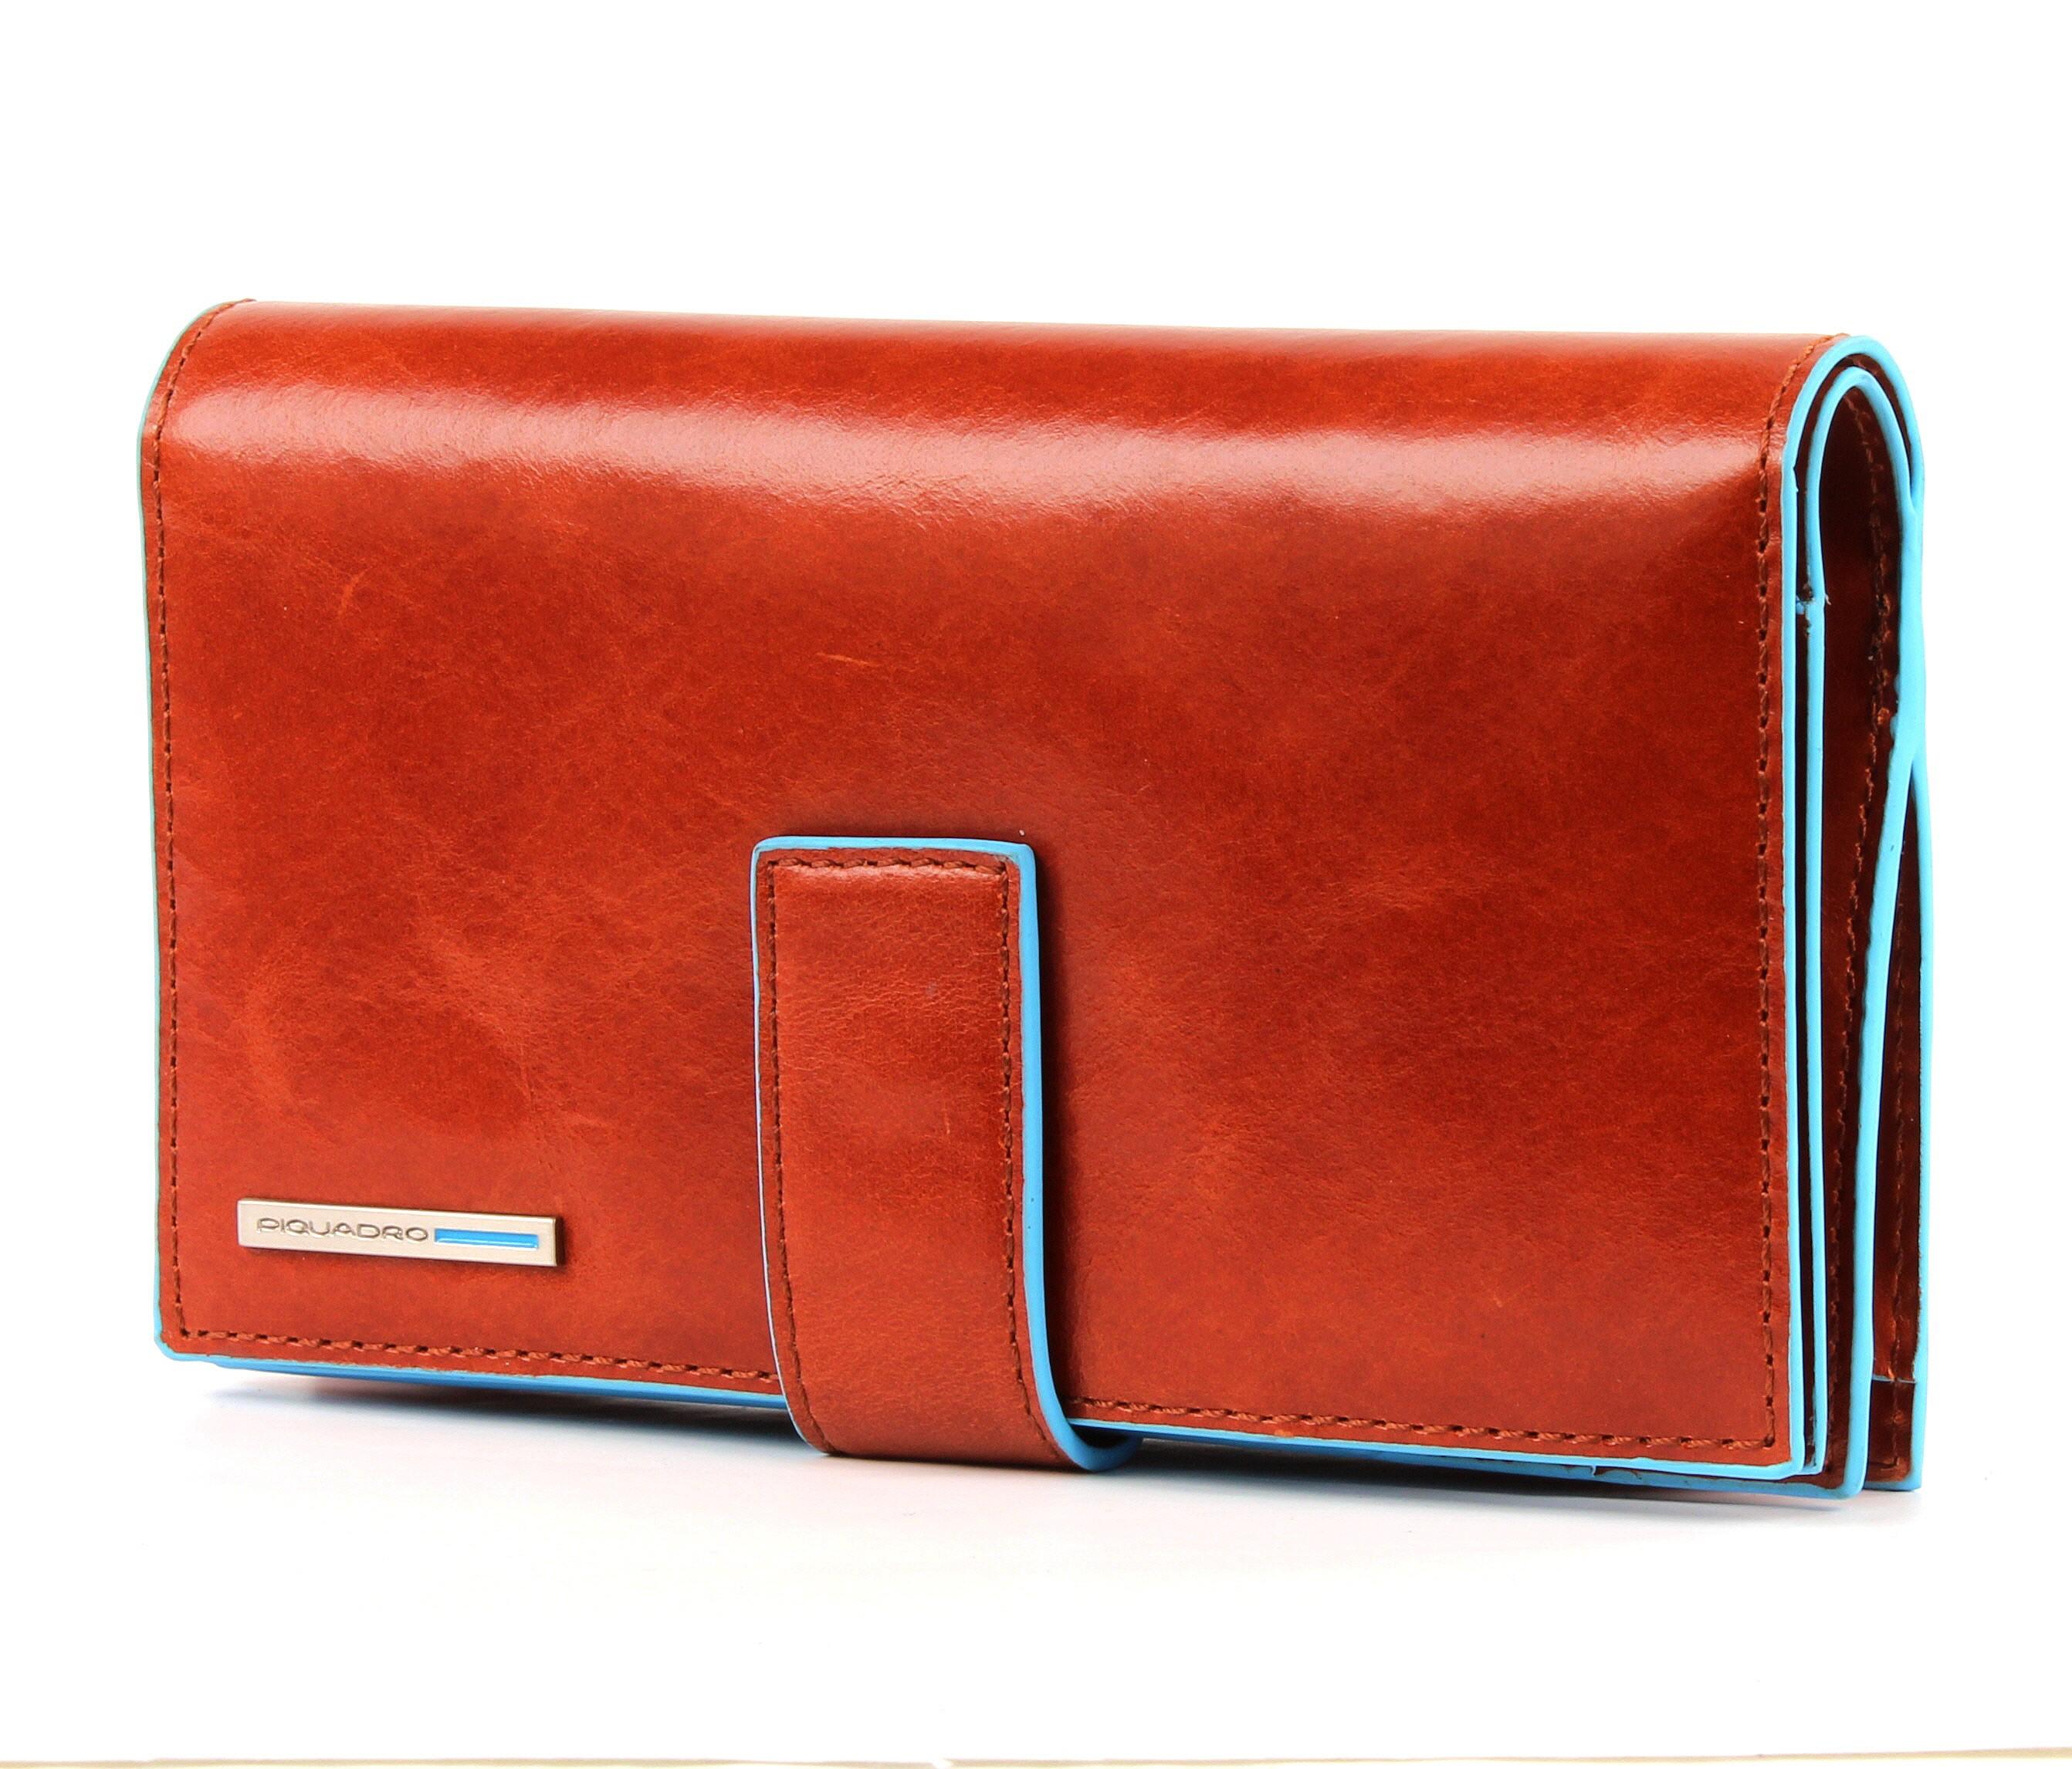 Piquadro + blu square + borsa + portafoglio + + + donna 51cd52dce63